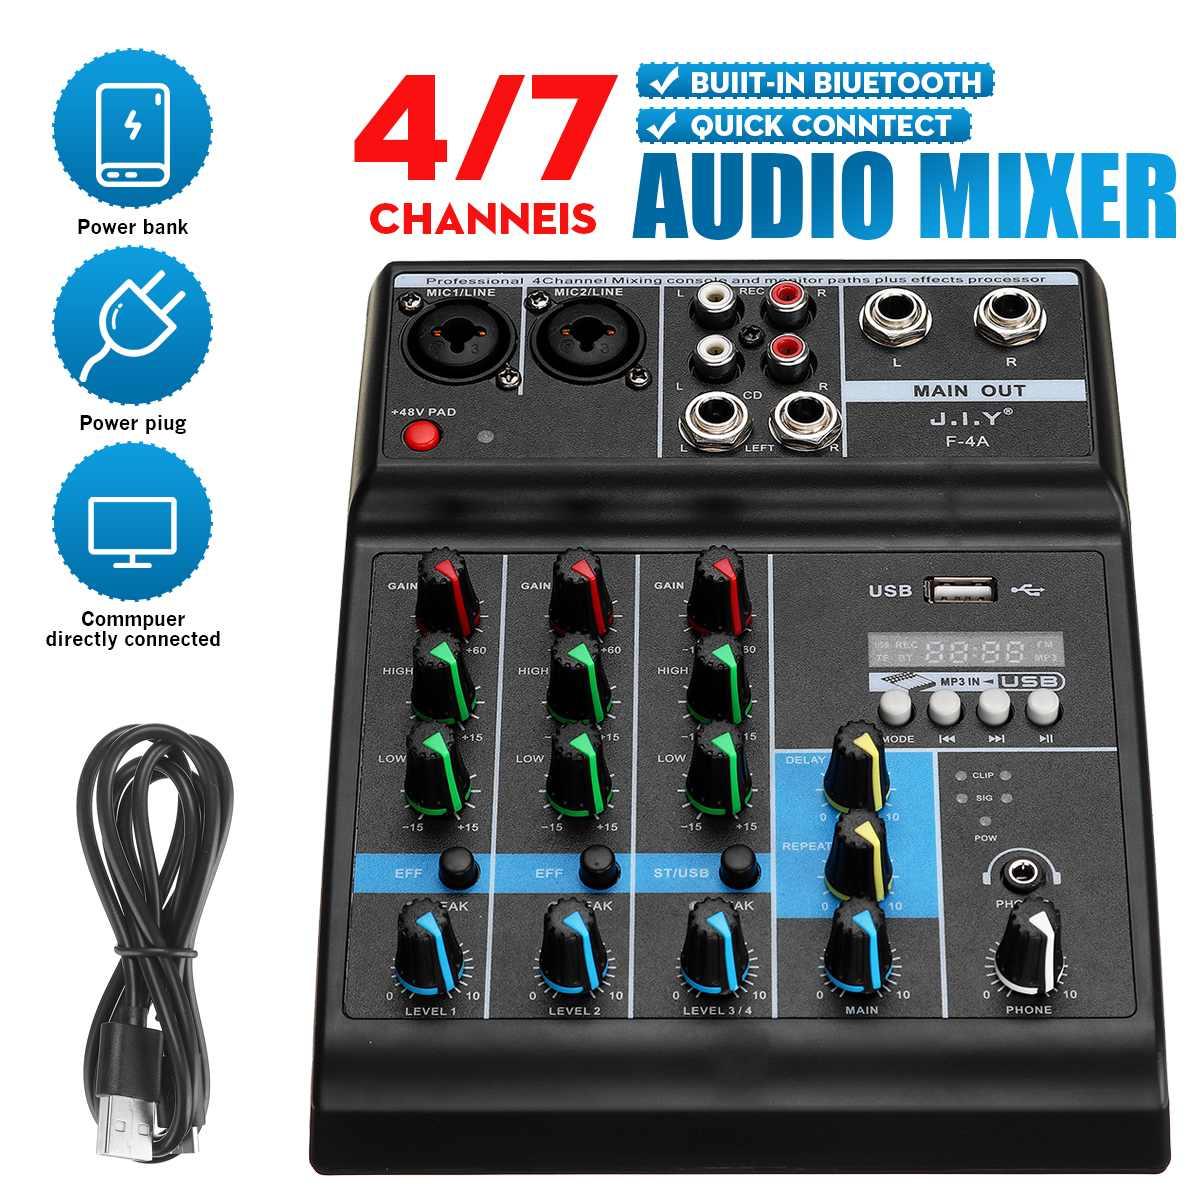 Professionelle 4 Kanal Audio Mixer bluetooth 5,0 USB Computer Nachhall DJ Controller Bühne Lifeshow Mischen Konsole